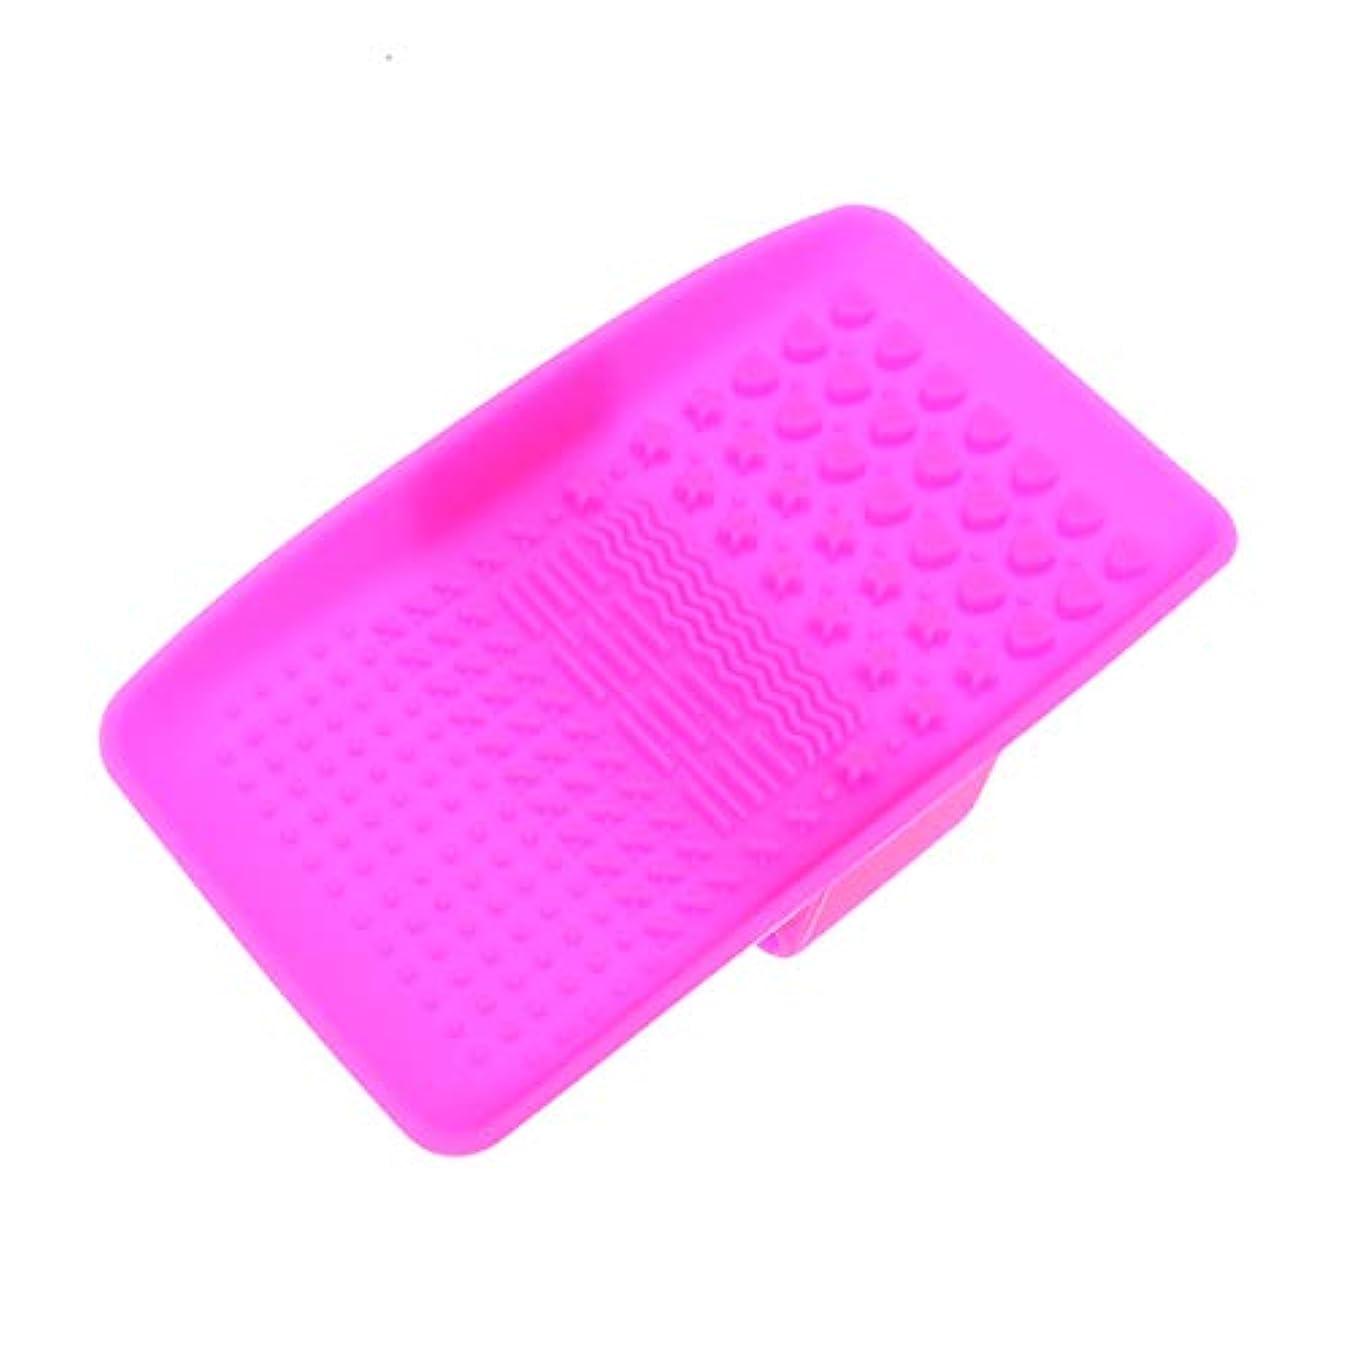 理由ロデオ小人Beaupretty 吸引ブラシが付いているシリコーンのブラシのクリーニングのマットの携帯用化粧品のブラシの洗剤